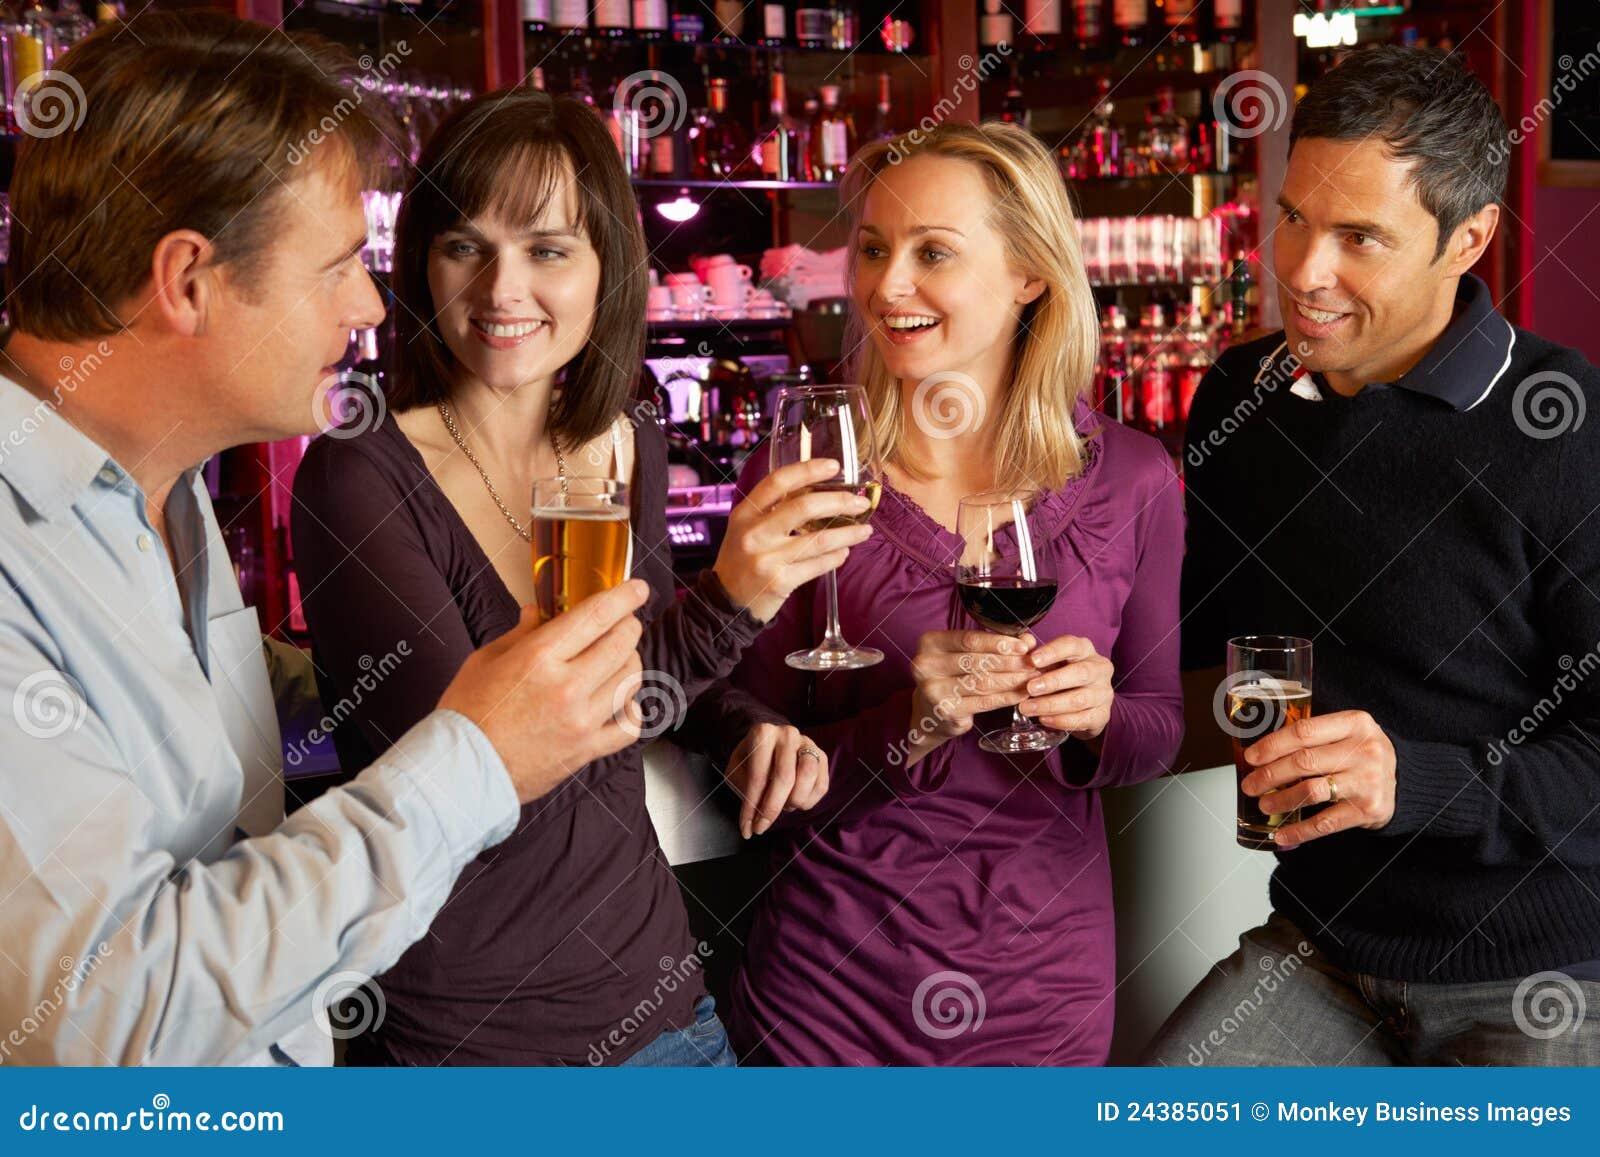 Ομάδα φίλων που απολαμβάνουν το ποτό μαζί στη ράβδο